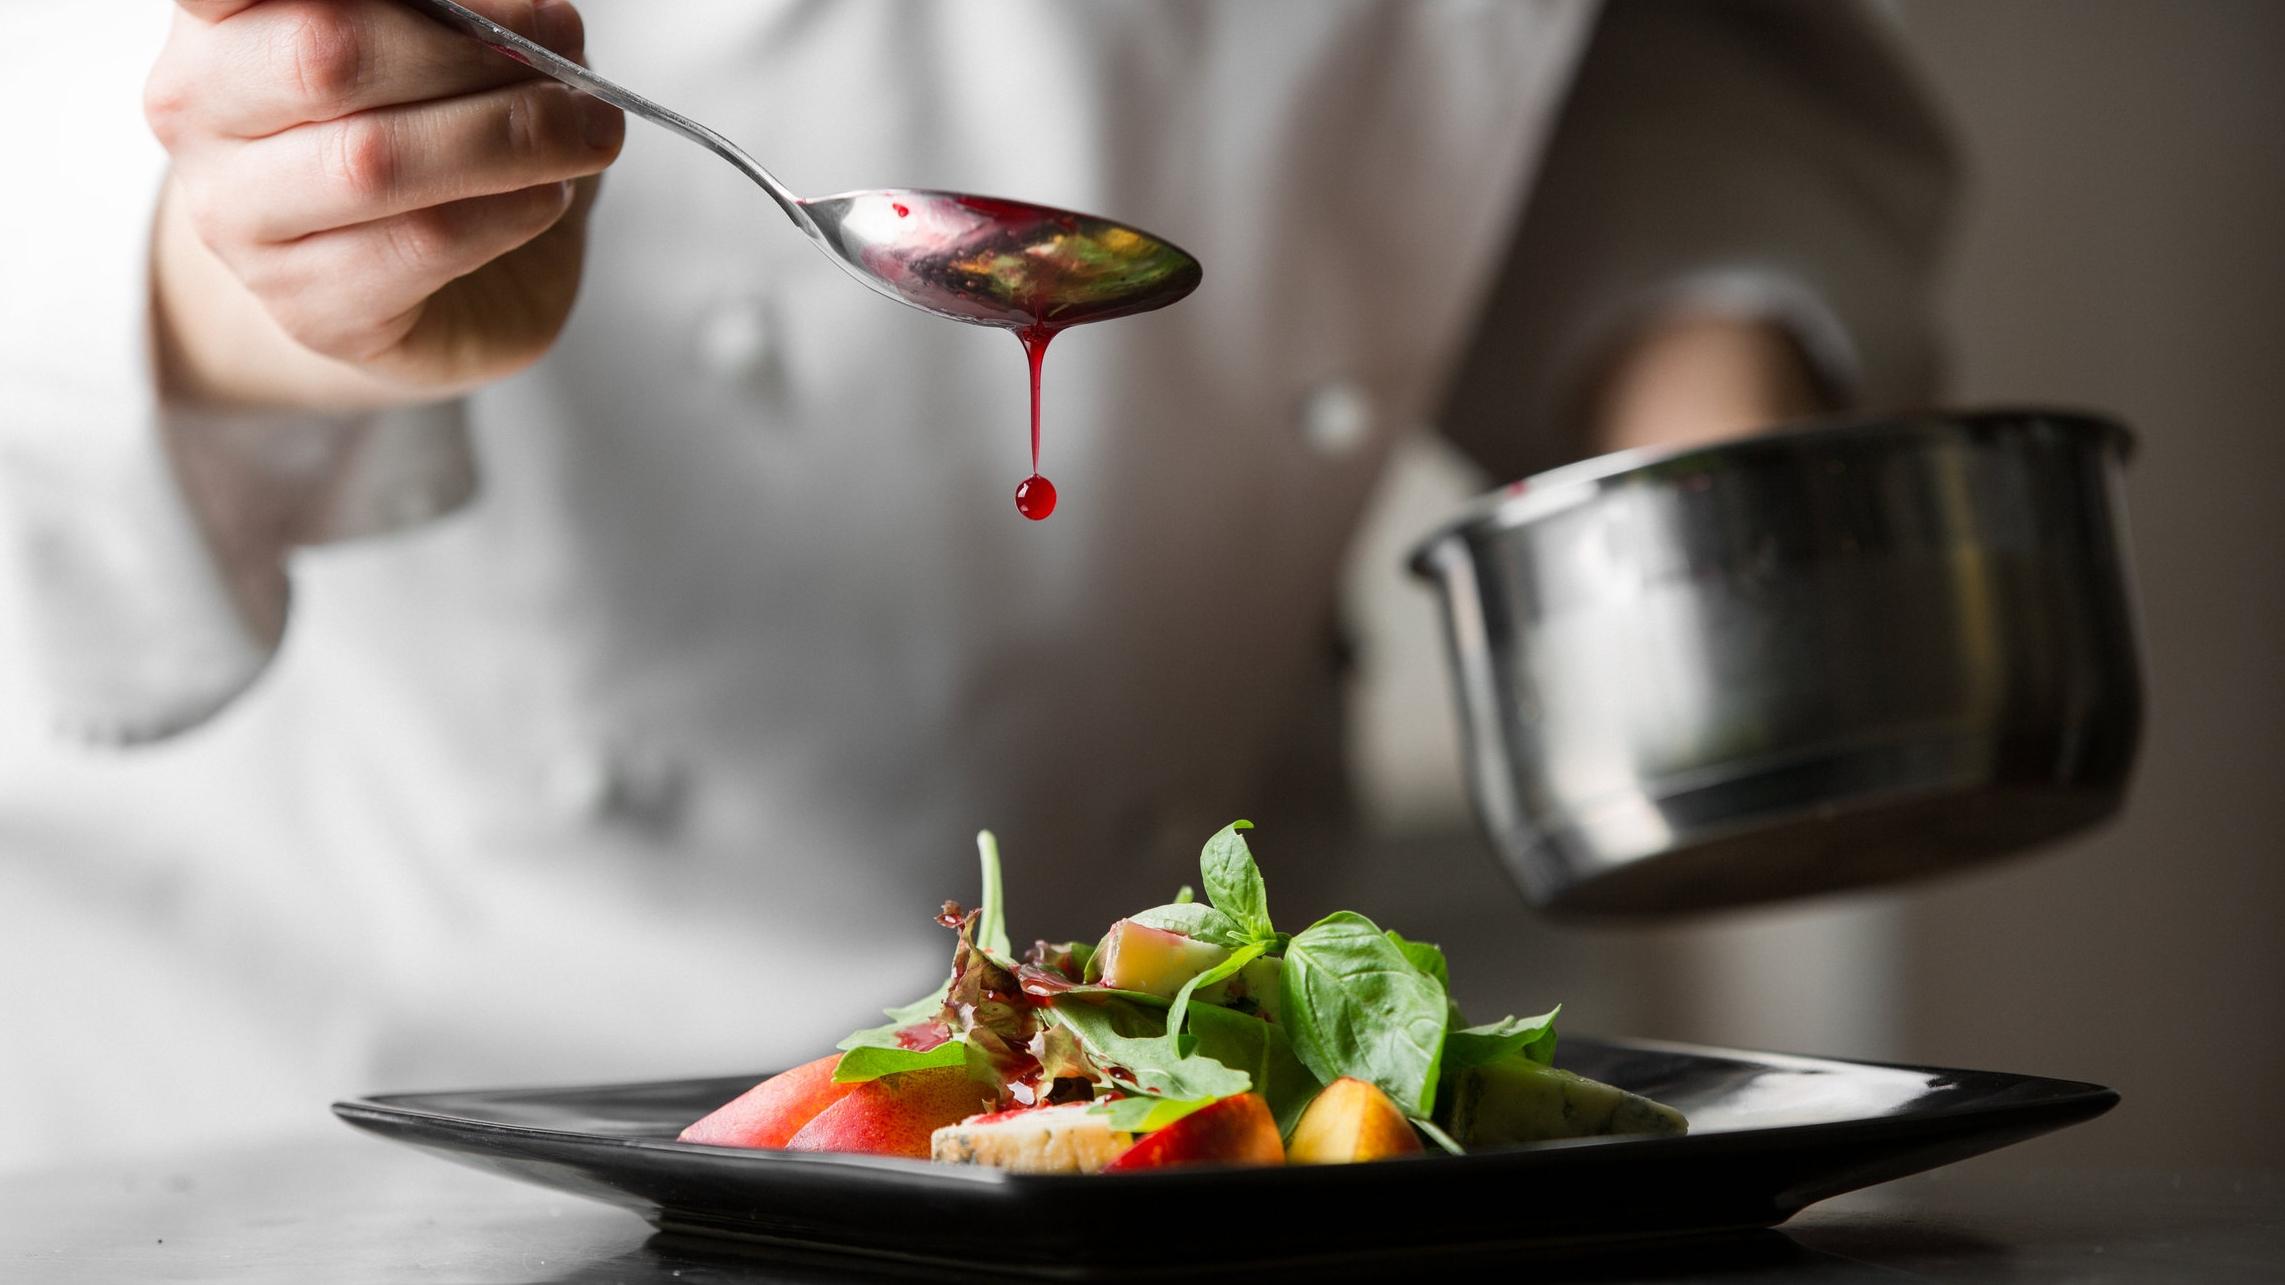 La cocina, mi pasión - Trabajamos muy duro para que los clientes queden satisfechos, repitan y vuelvan a Picatostes.Juan Carlos Dorta, chef